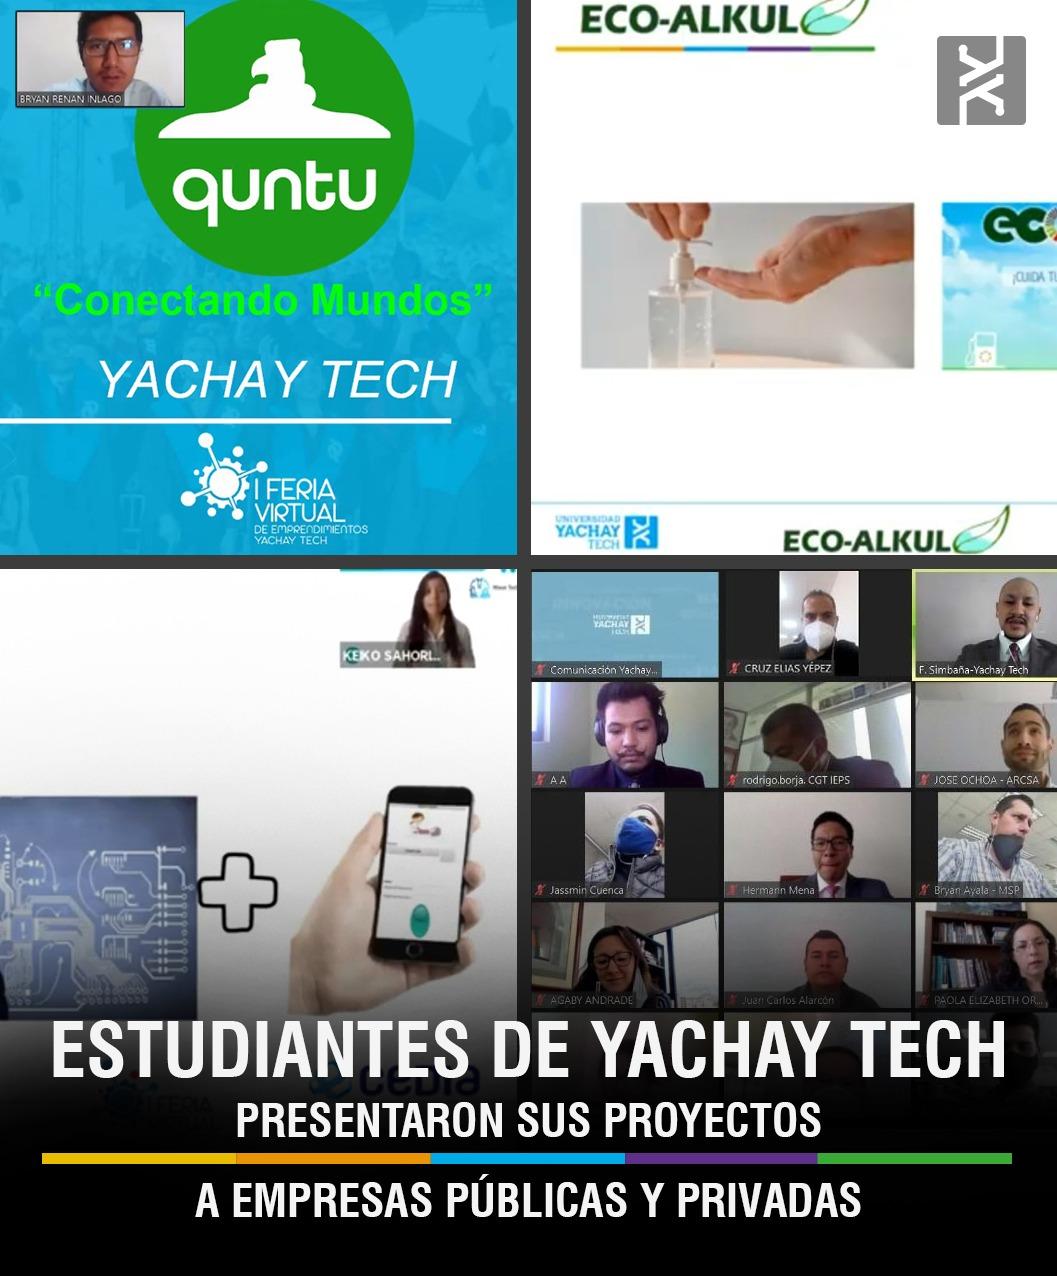 ESTUDIANTES DE YACHAY TECH PRESENTARON SUS PROYECTOS A EMPRESAS PÚBLICAS Y PRIVADAS